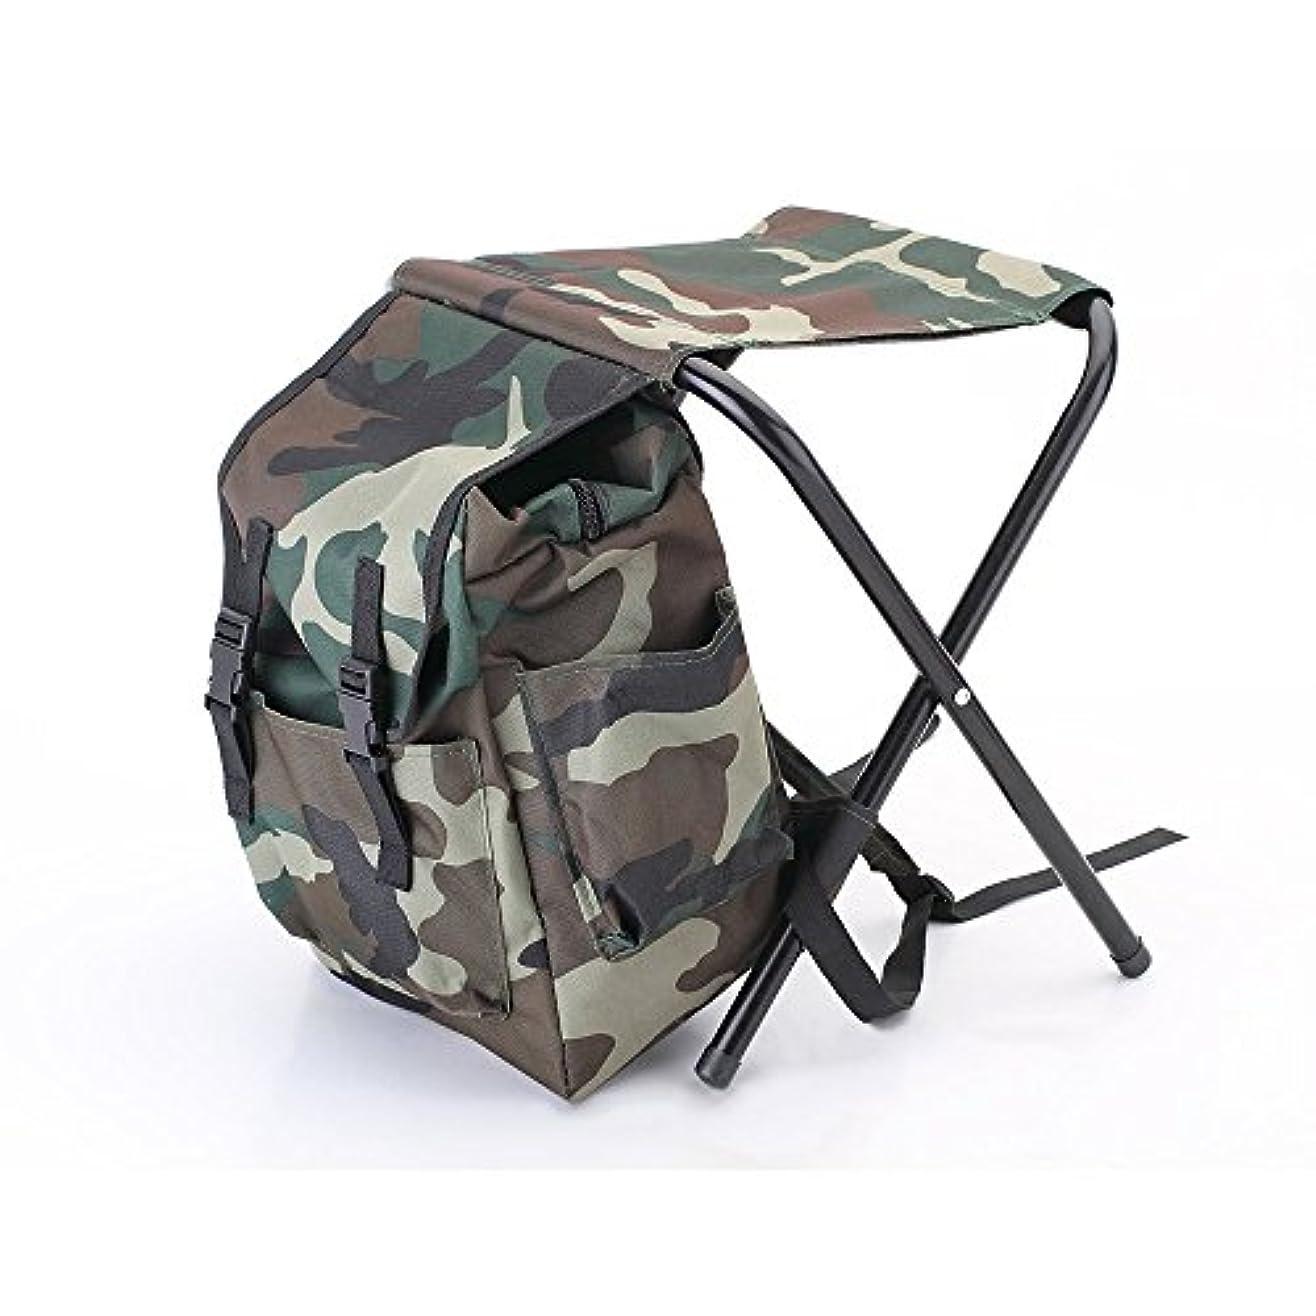 オペレーター予測する任意2in1 折りたたみ 椅子 バッグ コンパクト 耐荷重80KG リュック椅子 登山 魚釣り キャンプ 旅行用 椅子 カバン機能付き